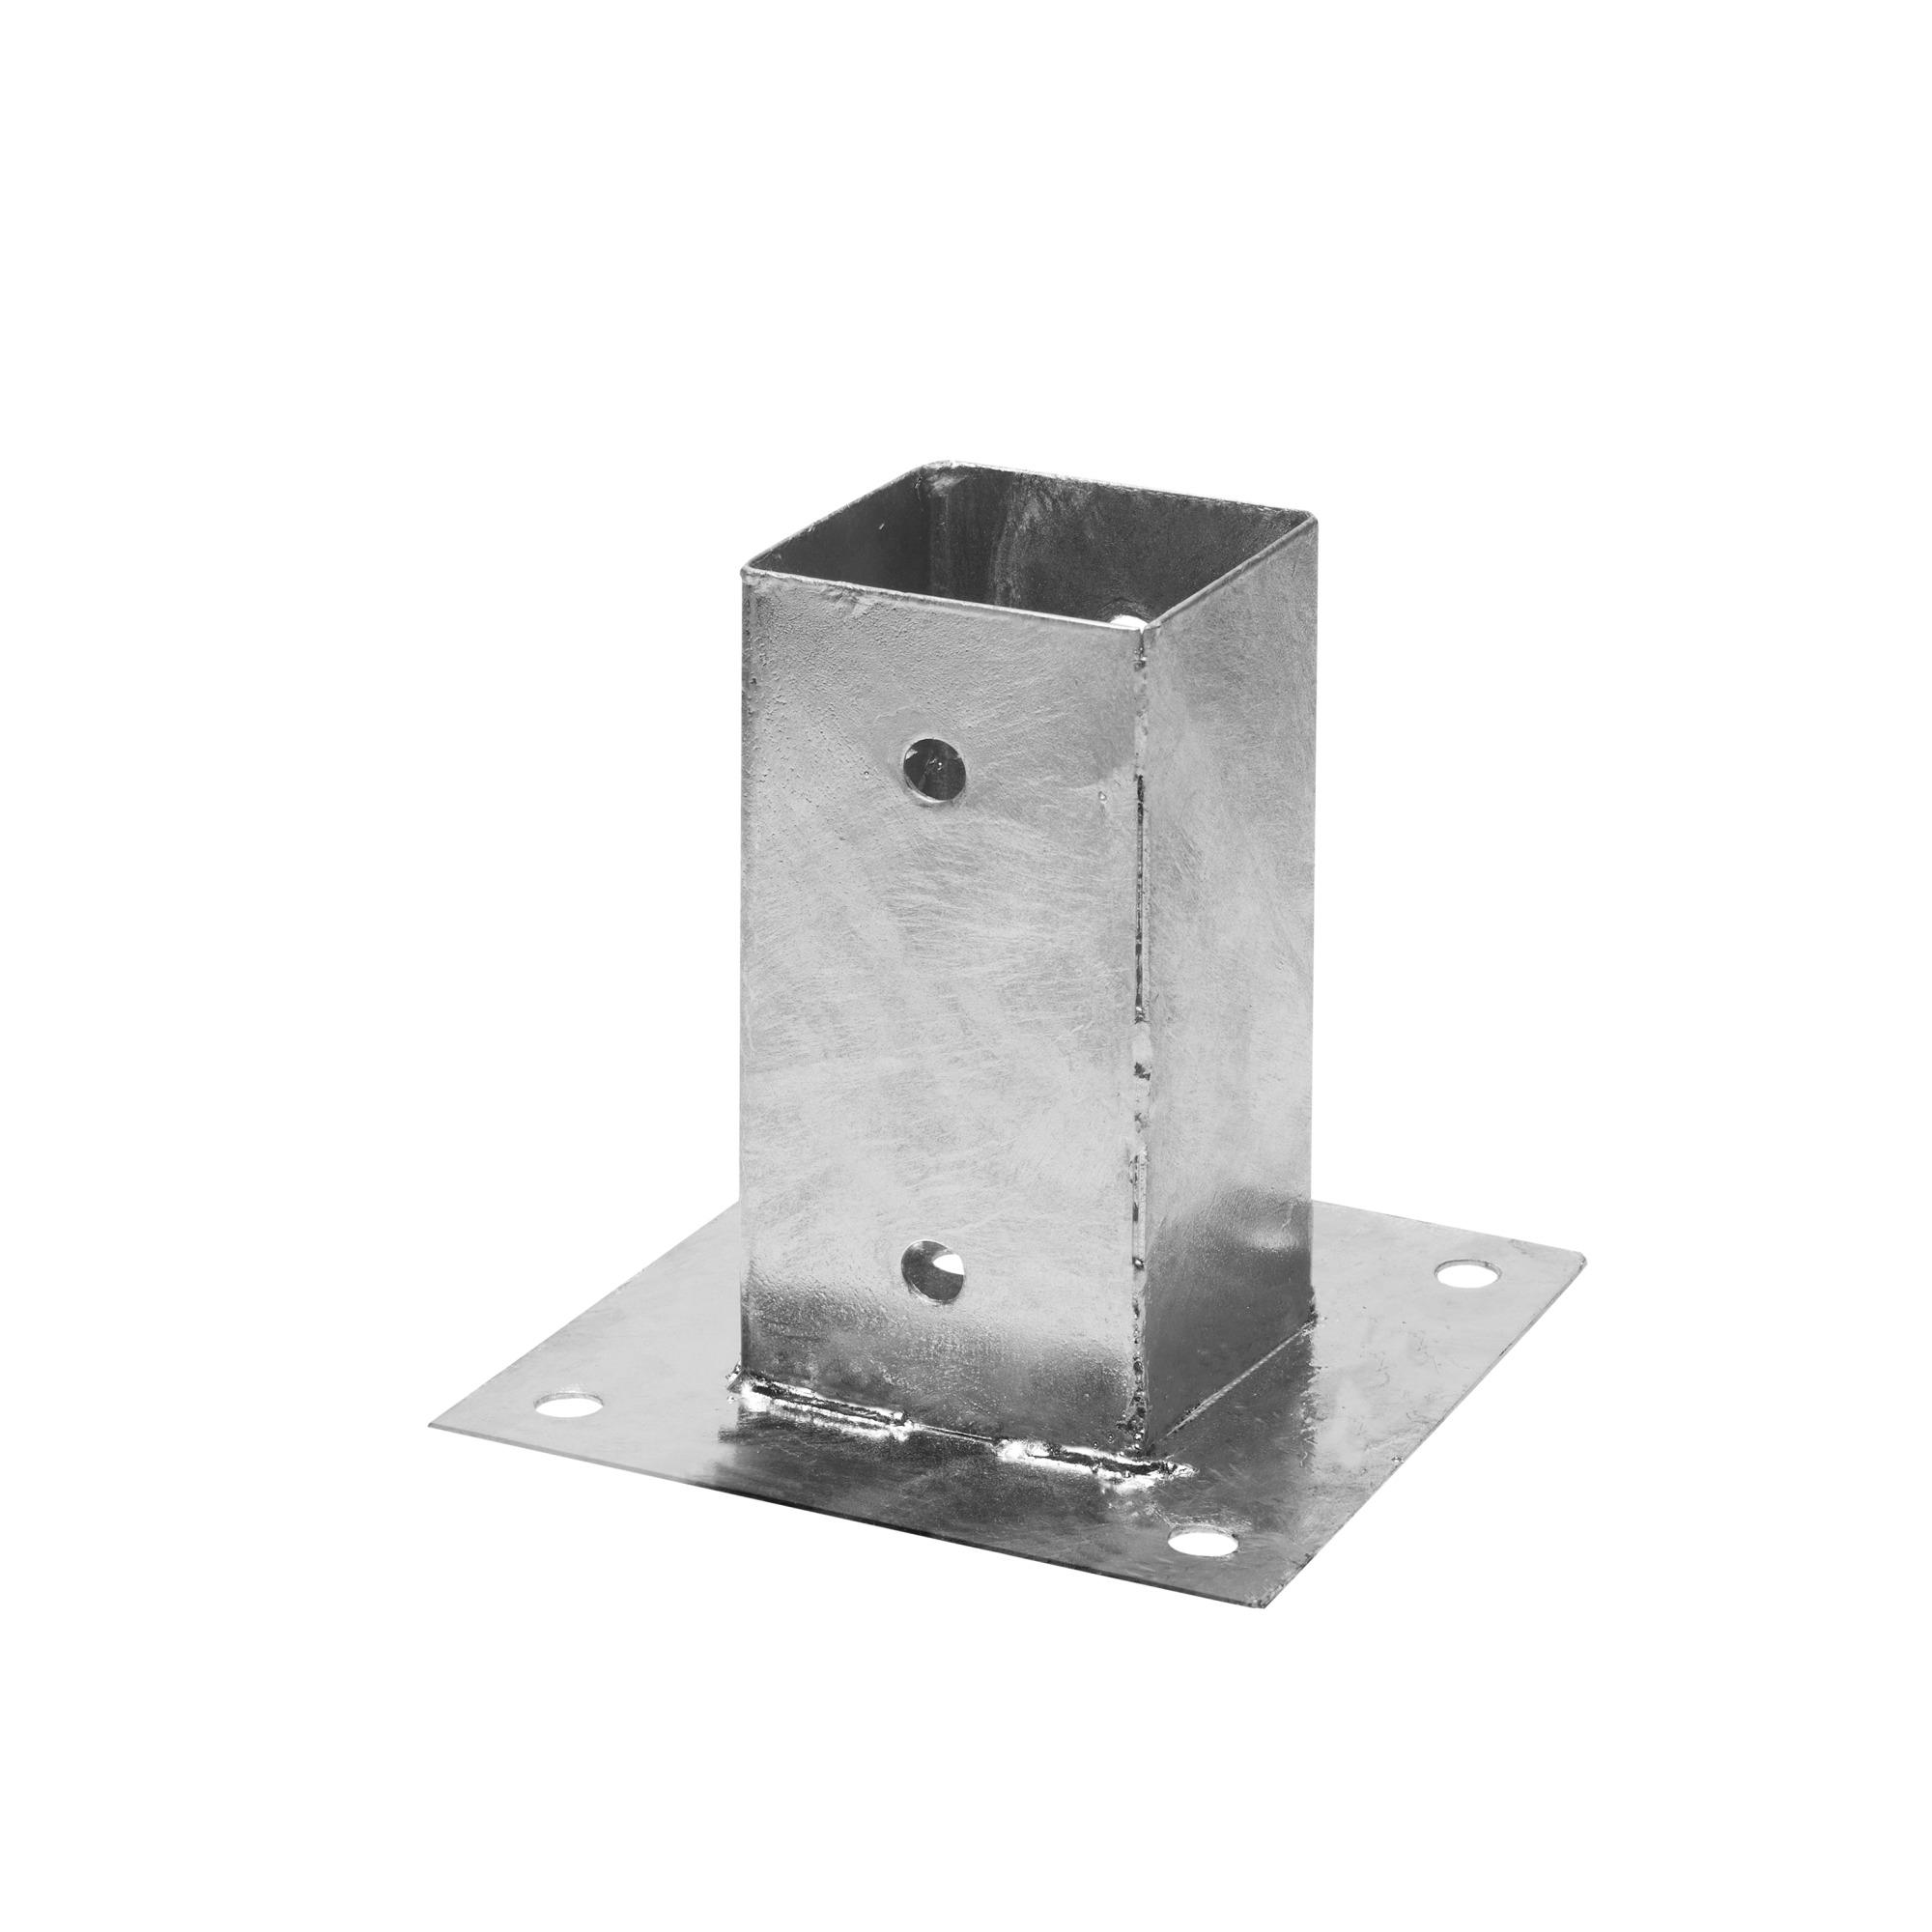 support plat pour poteau 9x9 cm zingu accessoires pour cl tures de jardin cl tures de. Black Bedroom Furniture Sets. Home Design Ideas